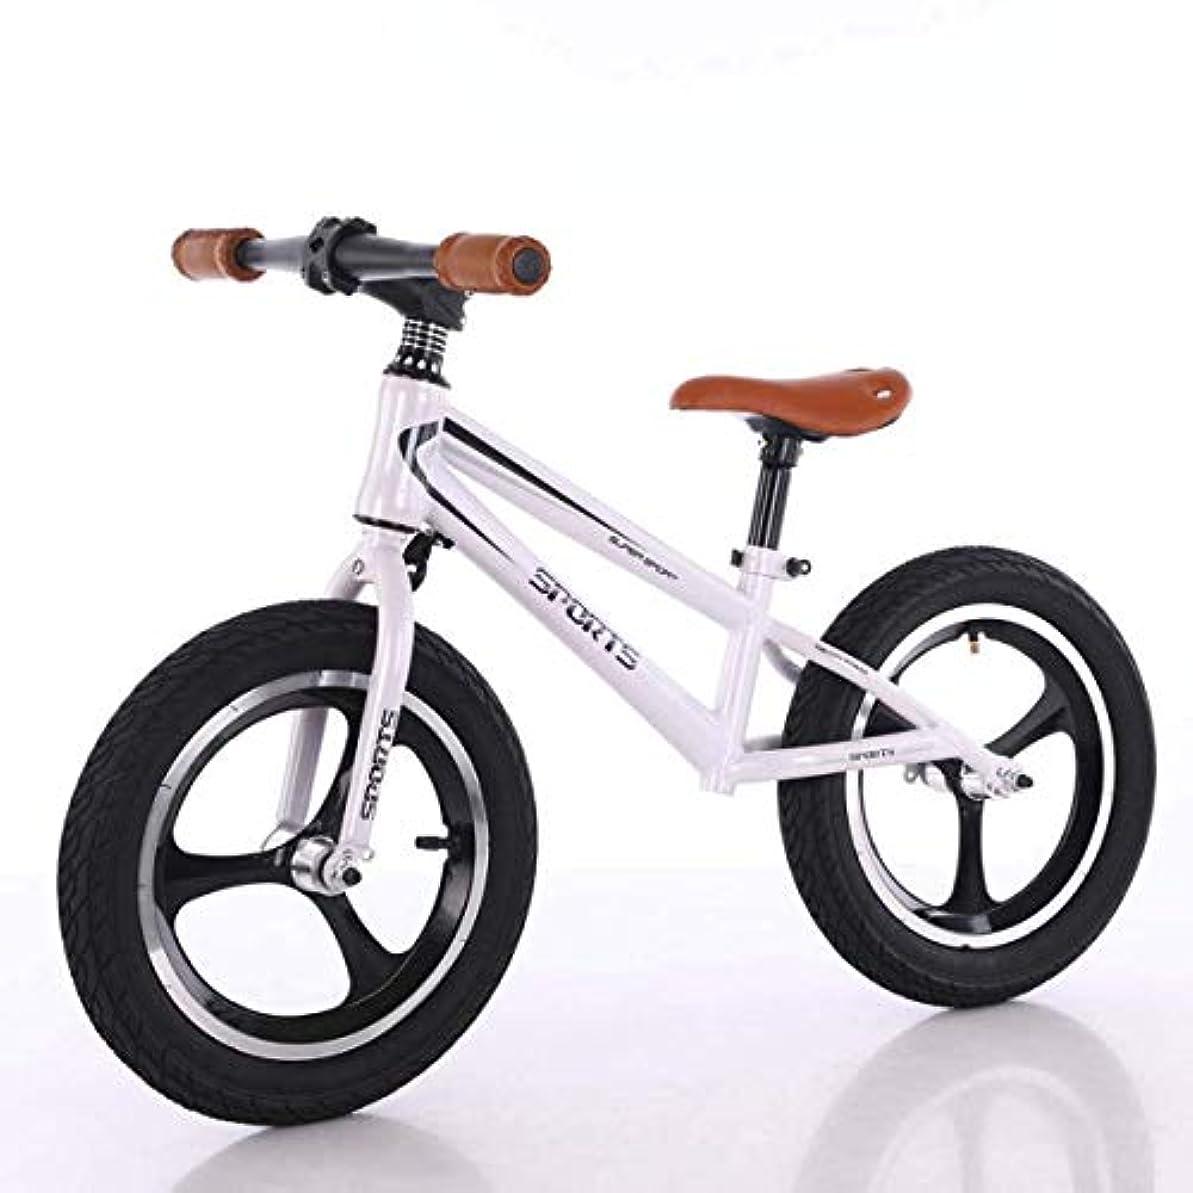 輸血清めるバランス2歳から7歳の少年少女向け14インチバランスバイク、トレーニング自転車、子供と幼児向けのペダルなしのウォーキングバランスバイク